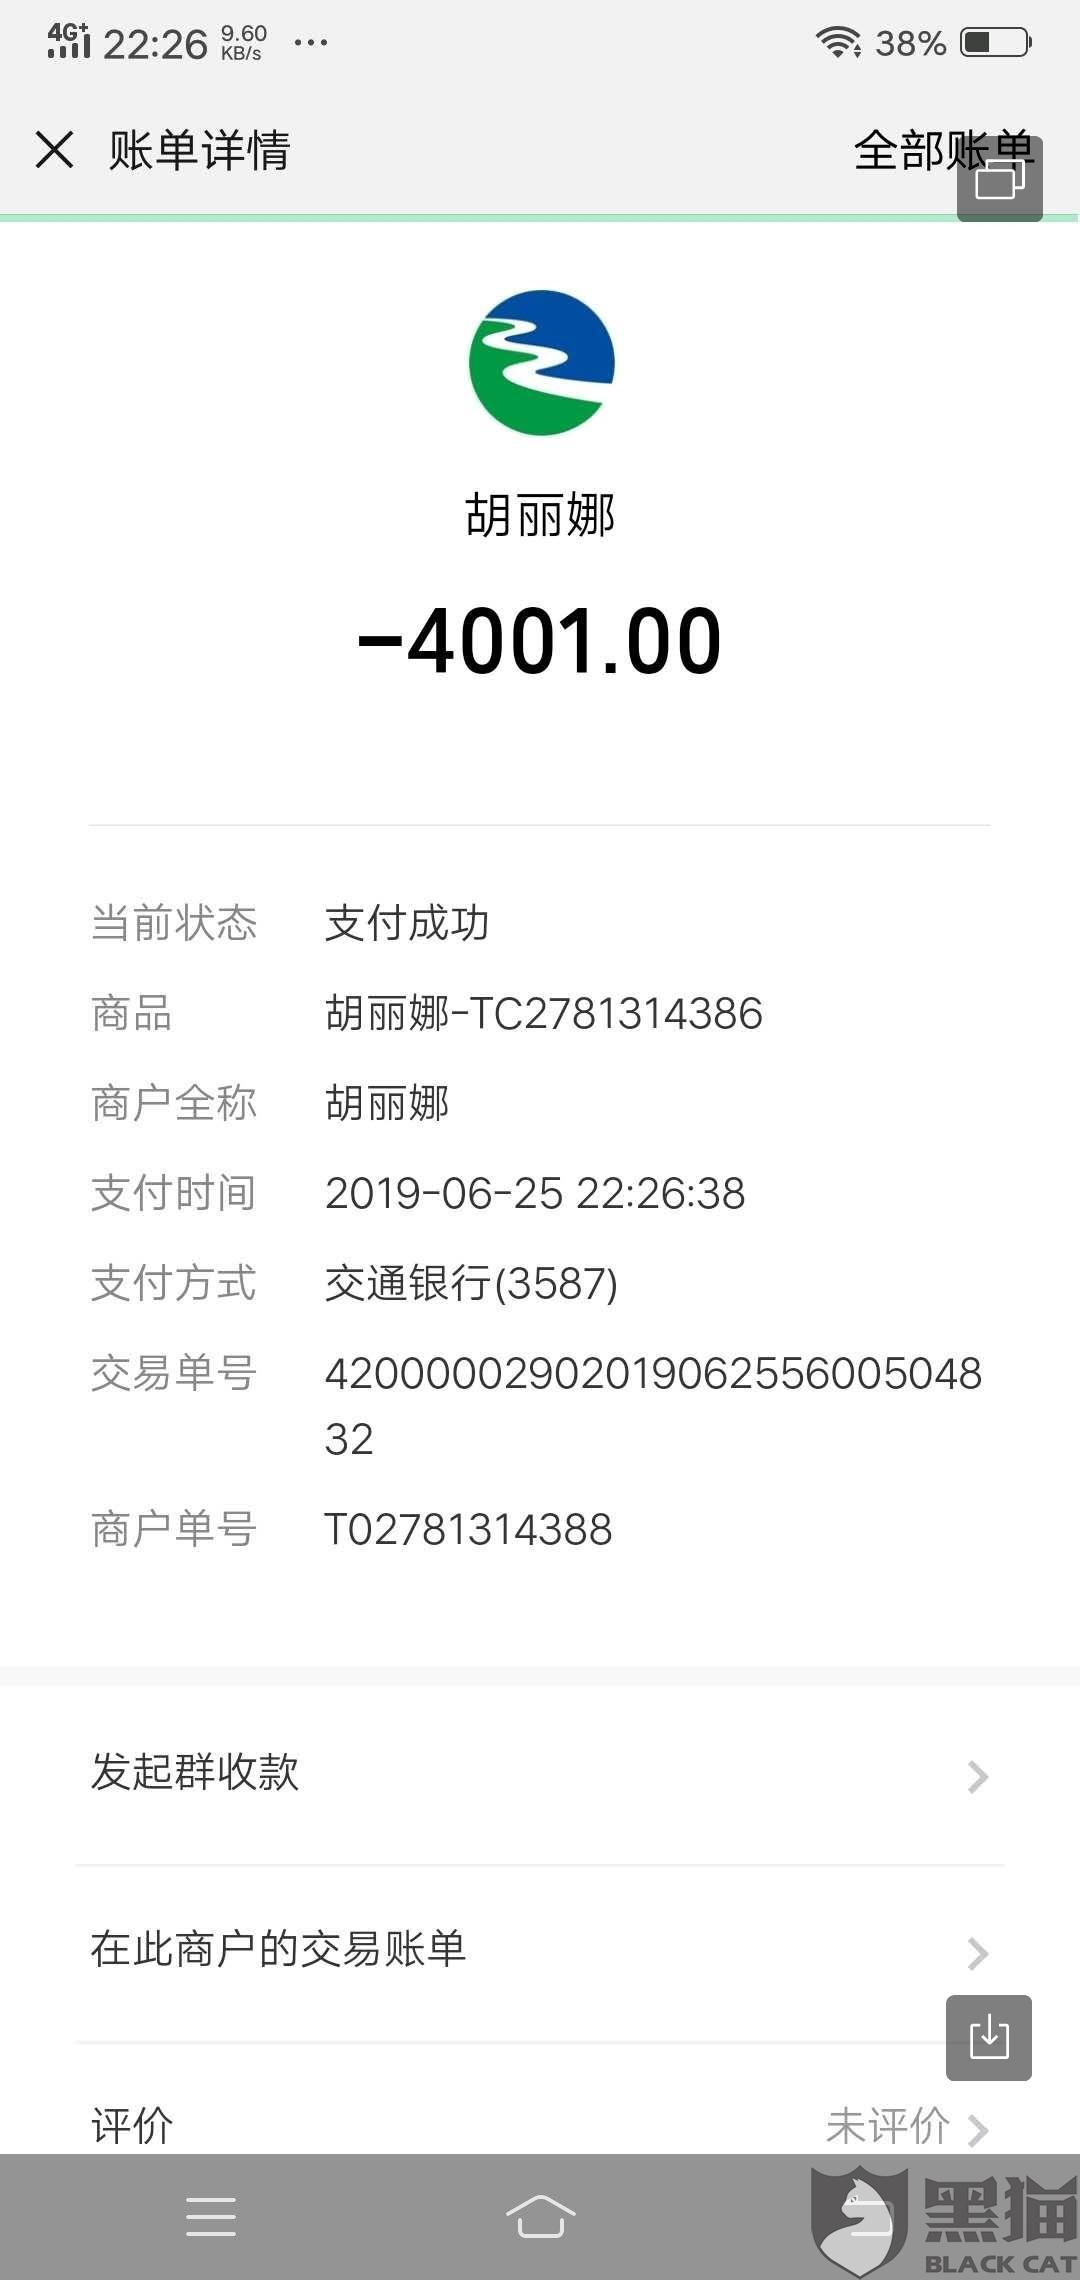 黑猫投诉:深圳市元典科技有限公司是家骗子公司,骗走的都是孩子的奶粉钱,黑猫投诉为我主持公道